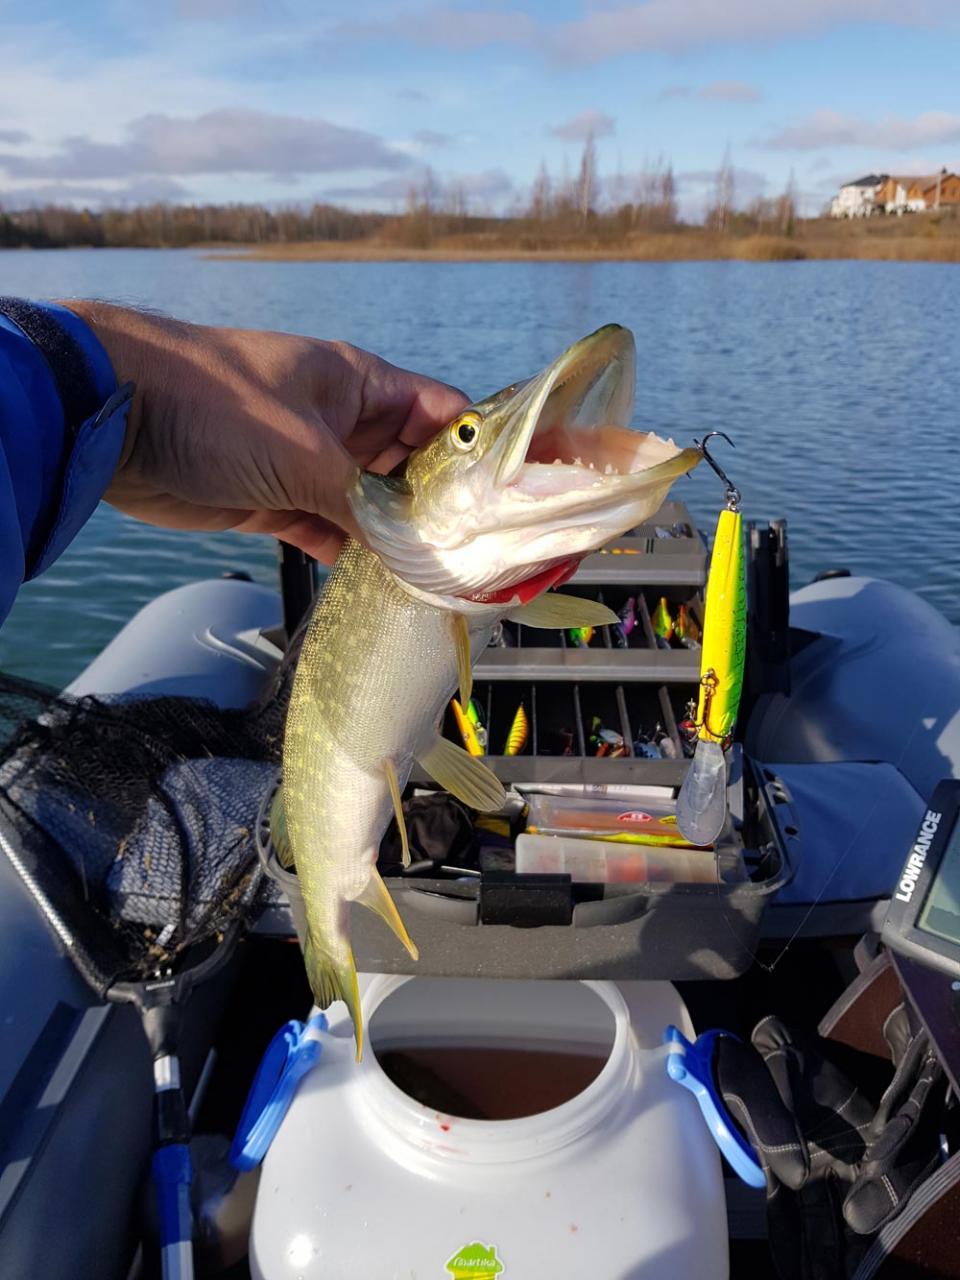 Что-то никто не пишет, хотя лодок как обычно ...   Отчеты о рыбалке в Беларуси